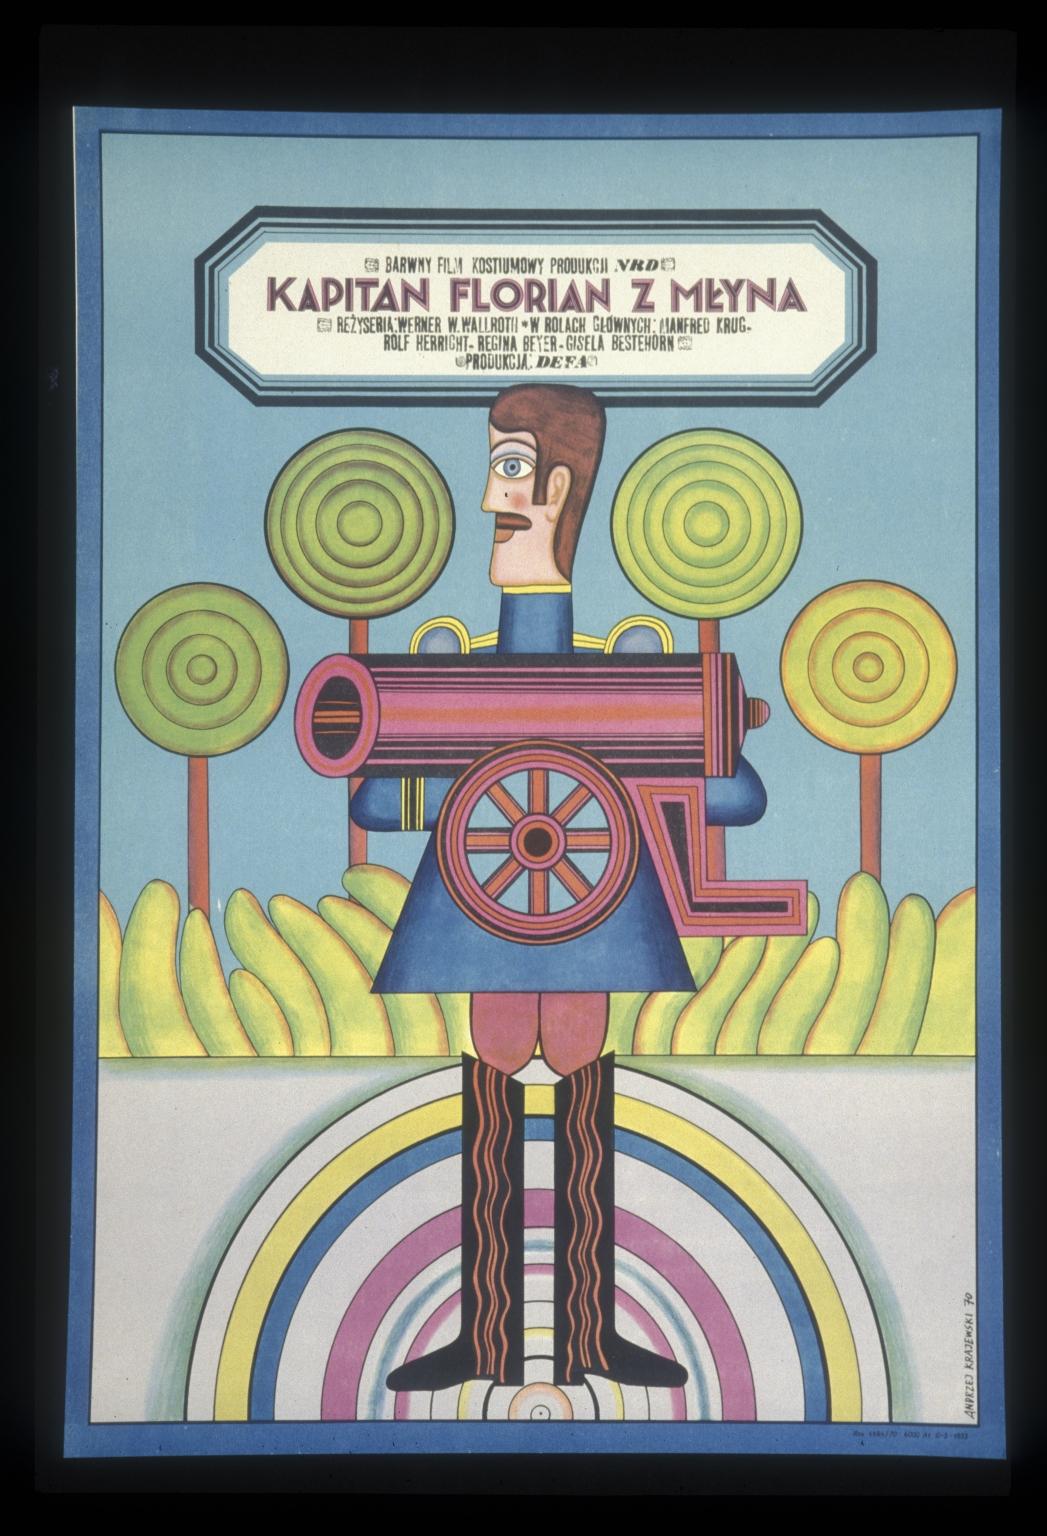 Kapitan Florian z Mlyna: barwny film kostiumowy produkcji NRD